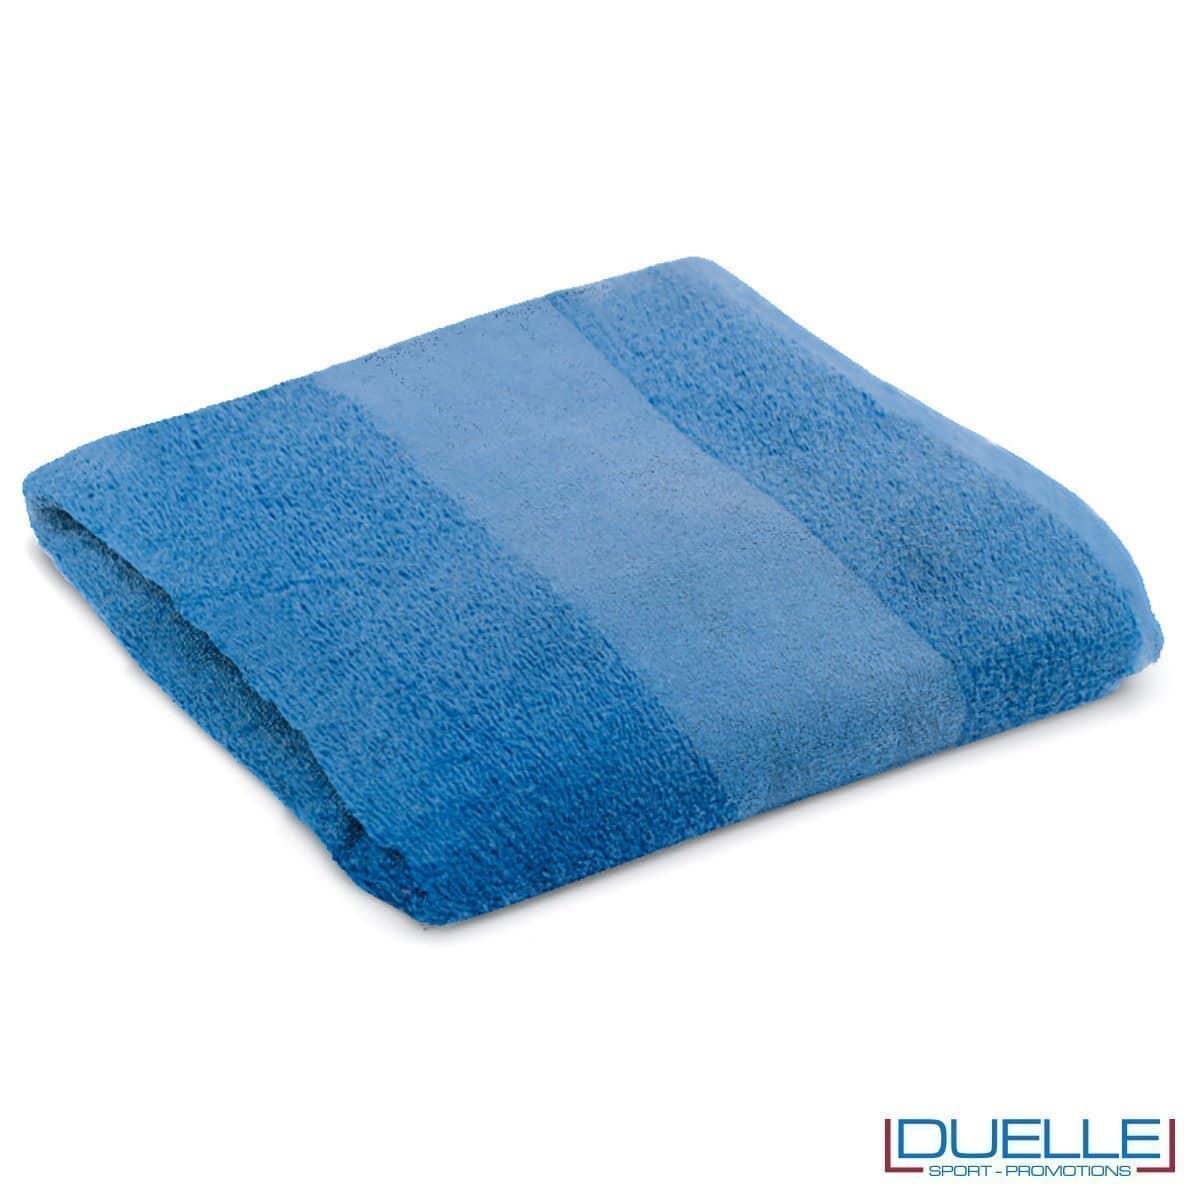 telo personalizzato mare cotone blu royal, gadget mare, gadget estate, gadget promozionali 100% cotone